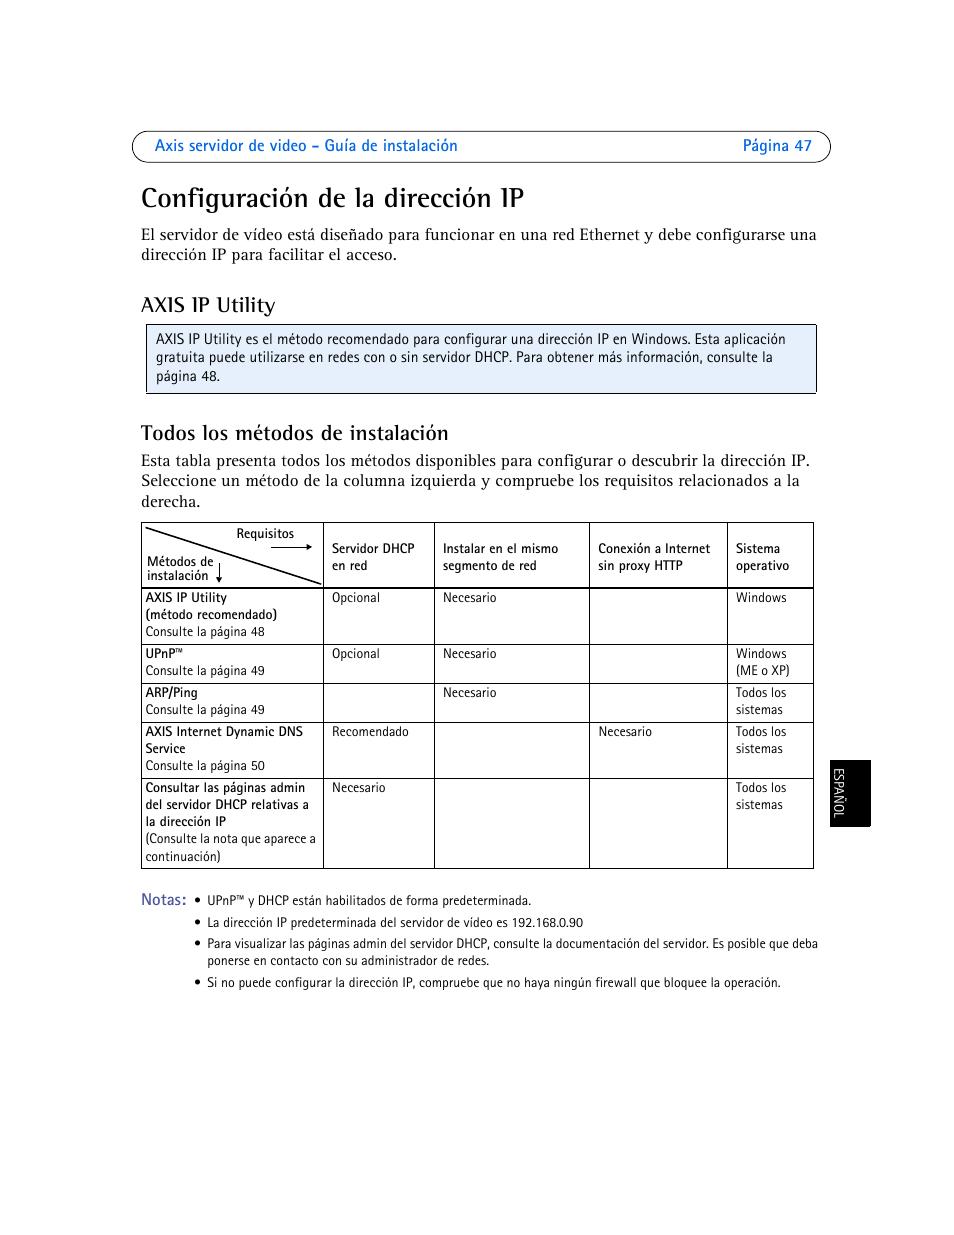 Configuración de la dirección ip, Axis ip utility todos los